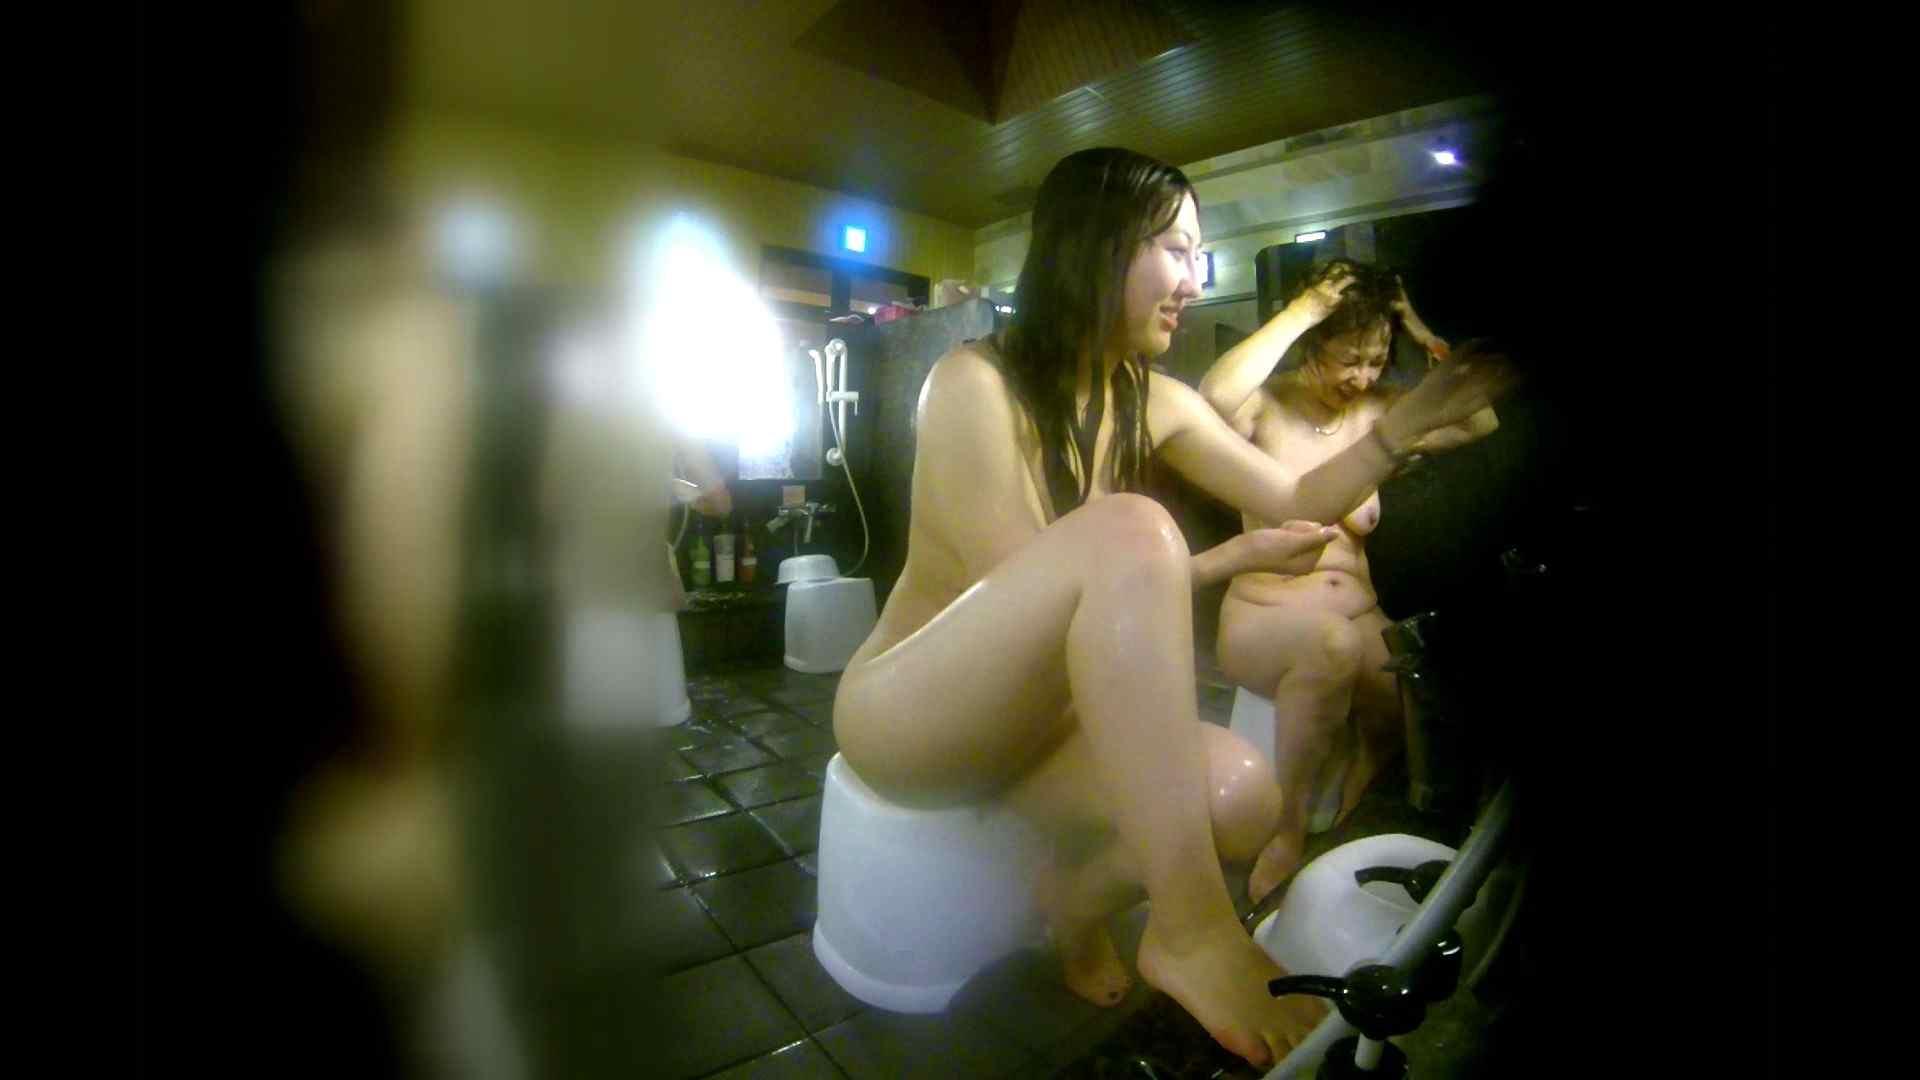 洗い場!右足の位置がいいですね。陰毛もっさり! 美肌 セックス画像 111画像 30